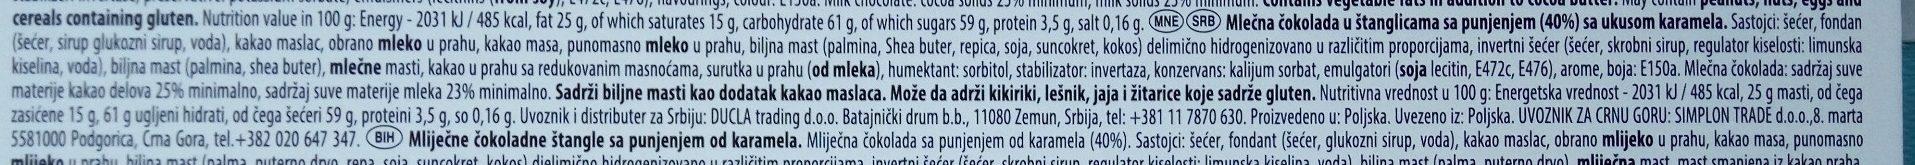 Karamel - Ingrédients